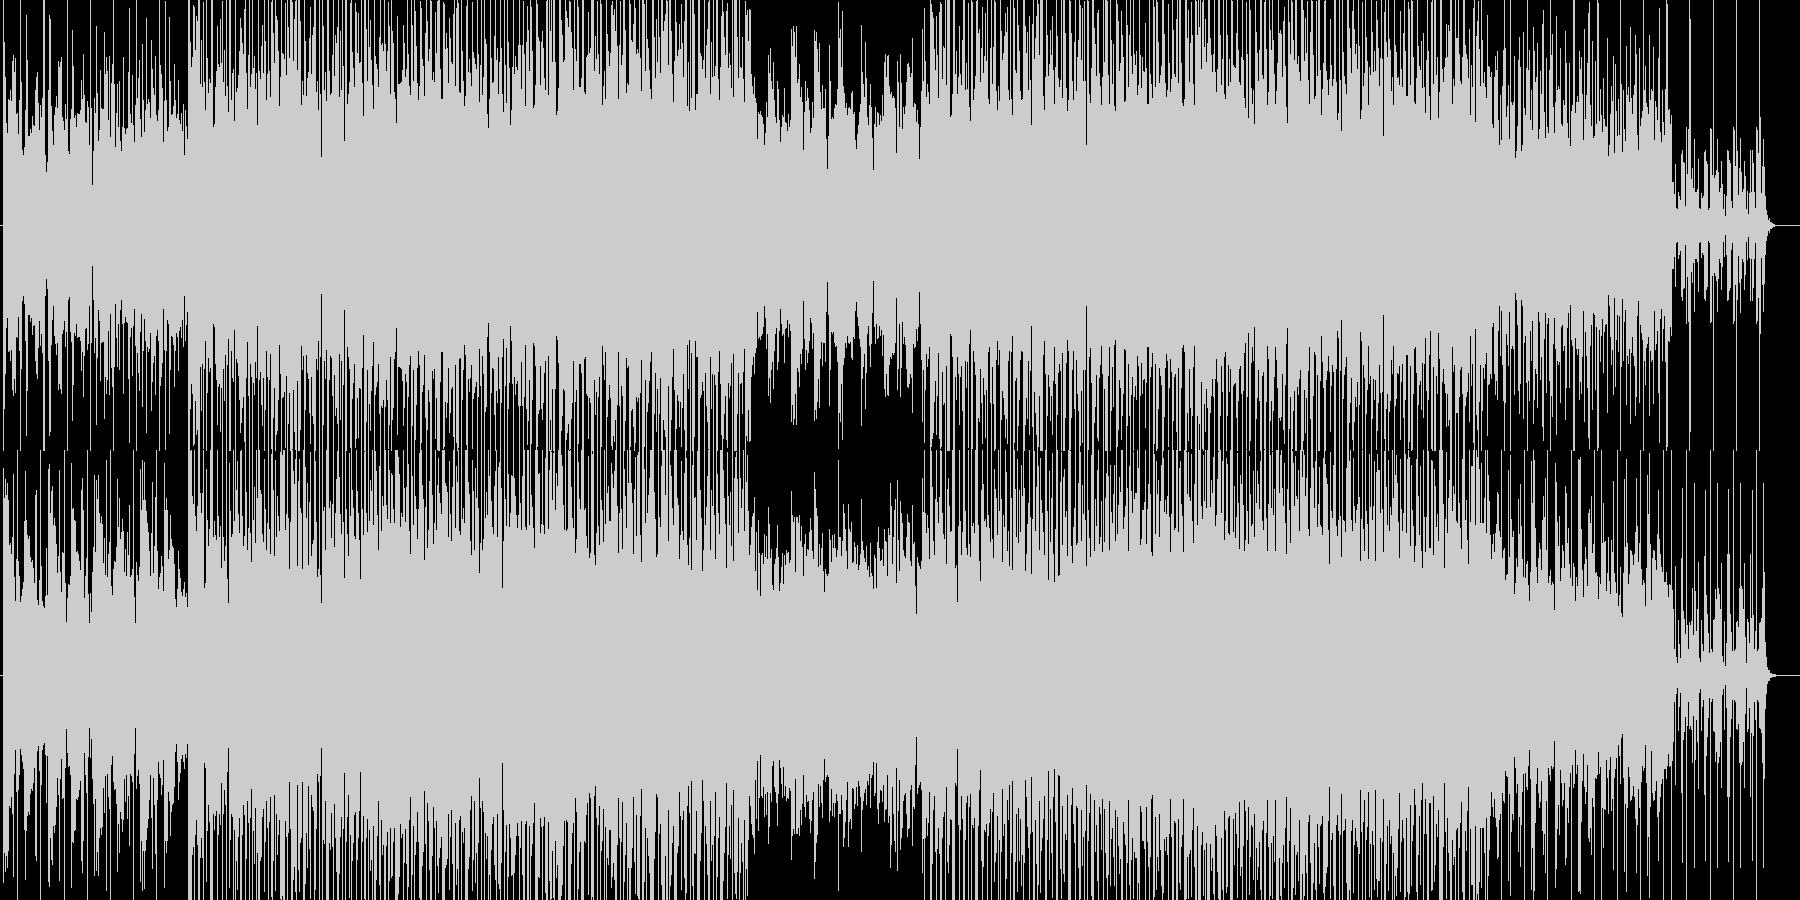 ラグジュアリーで落ち着いた雰囲気のBGMの未再生の波形